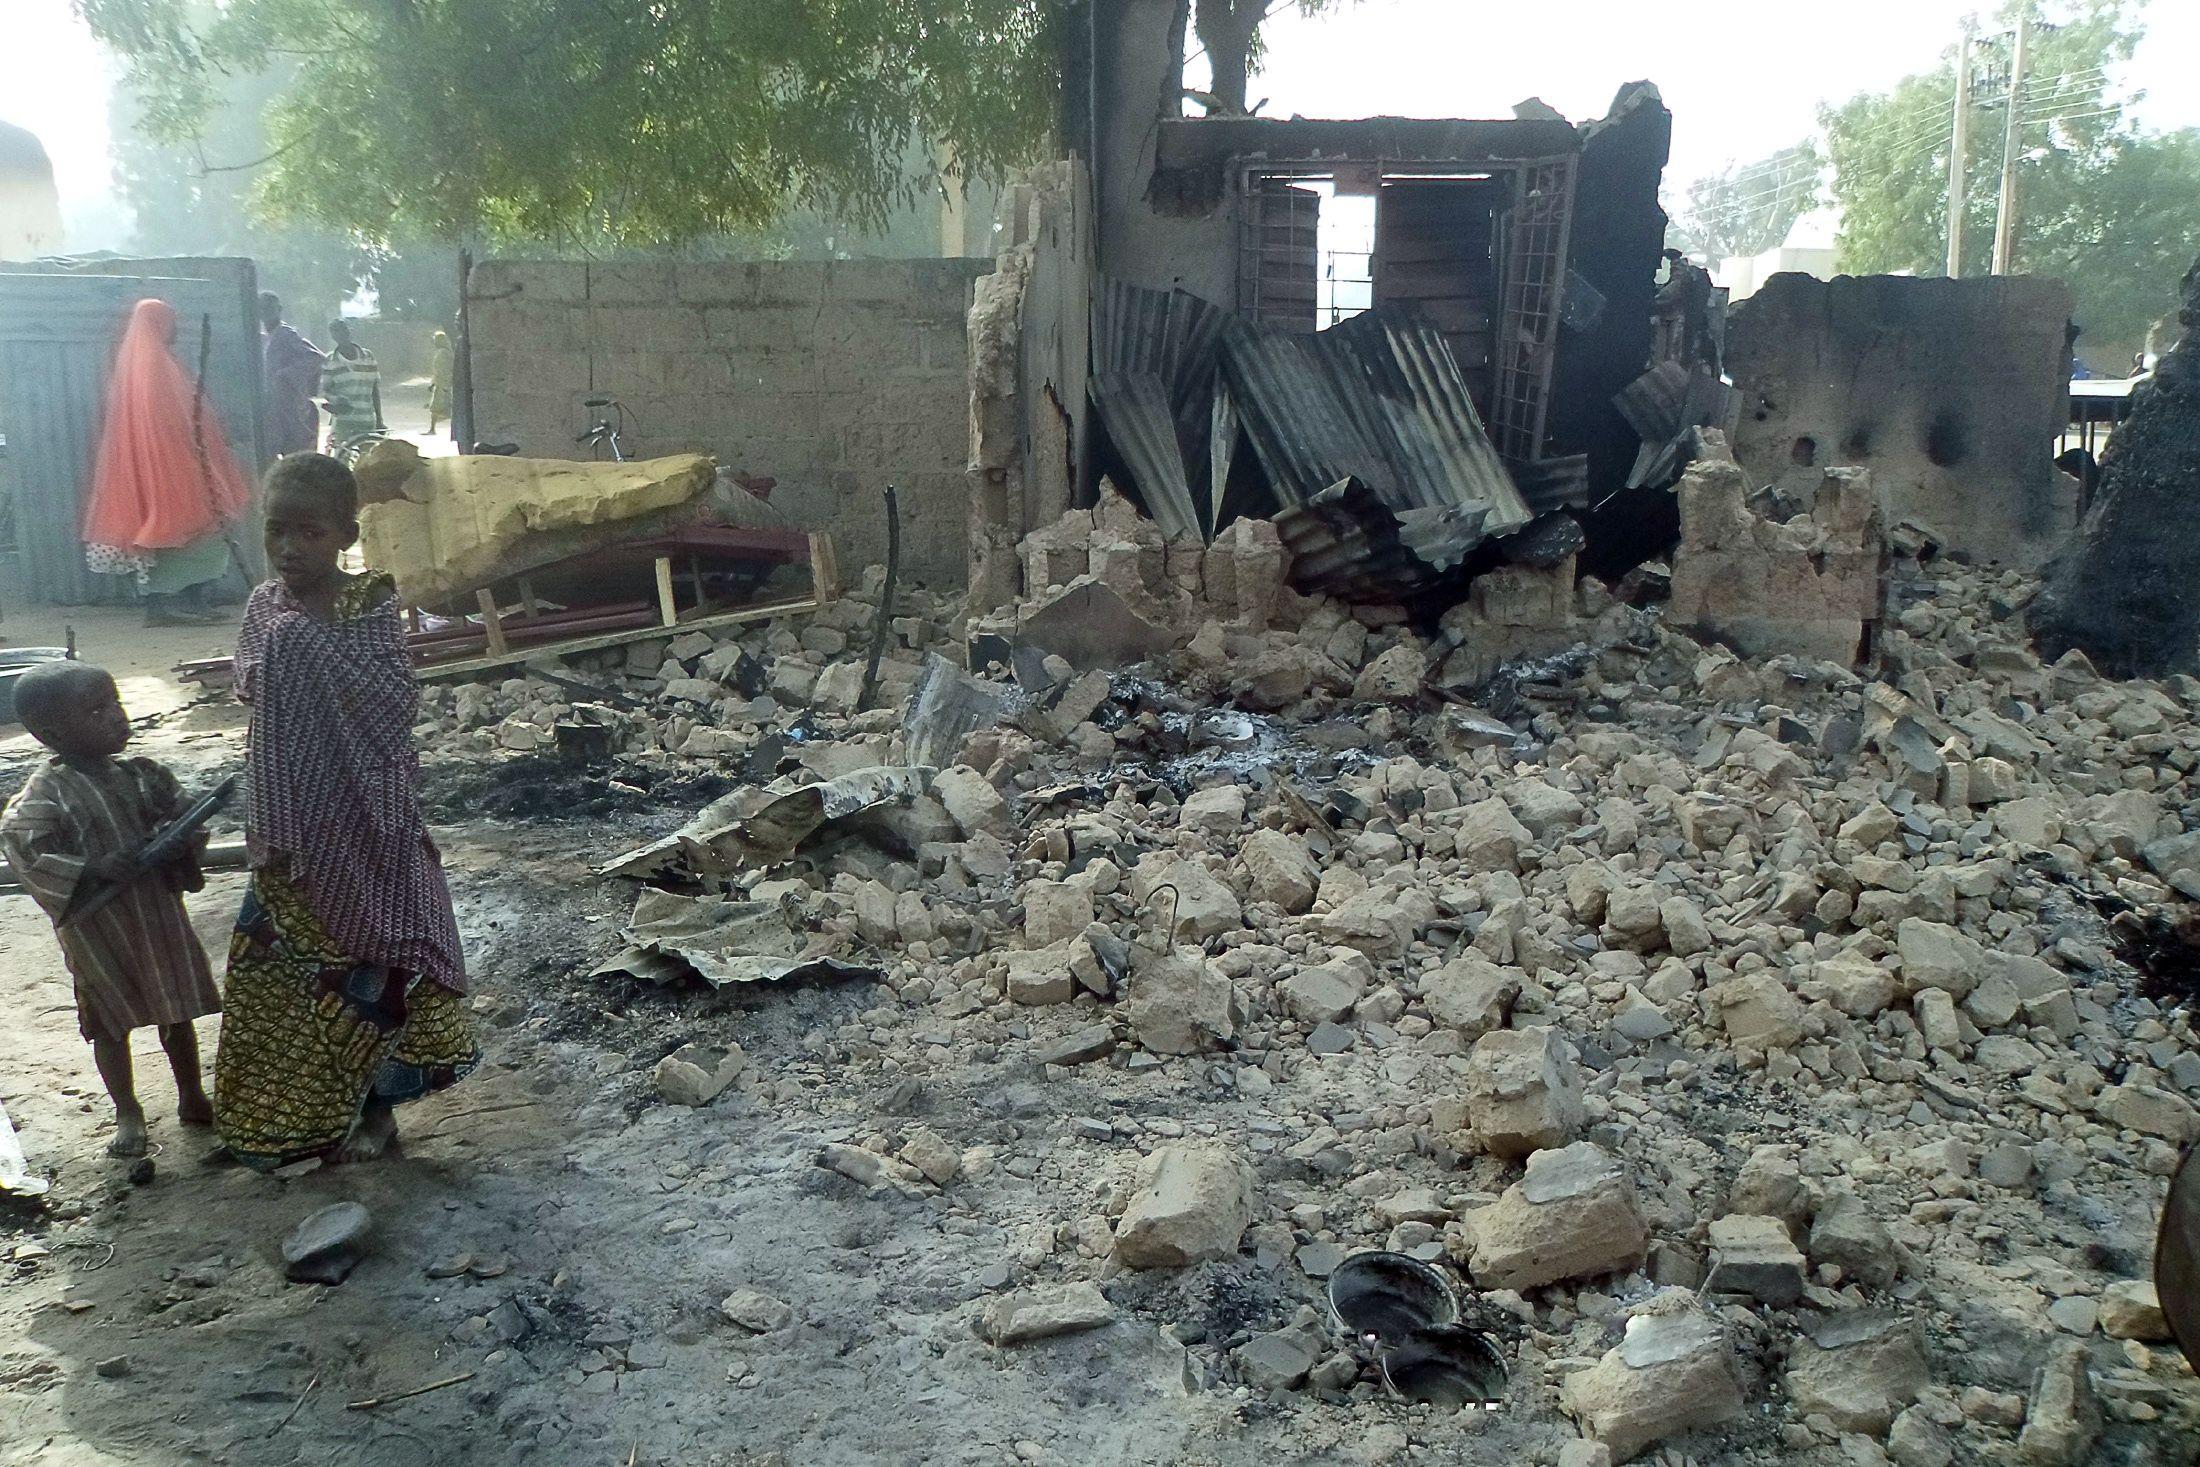 Children stand near rubble after Boko Haram attacks in Dalori, Nigeria.